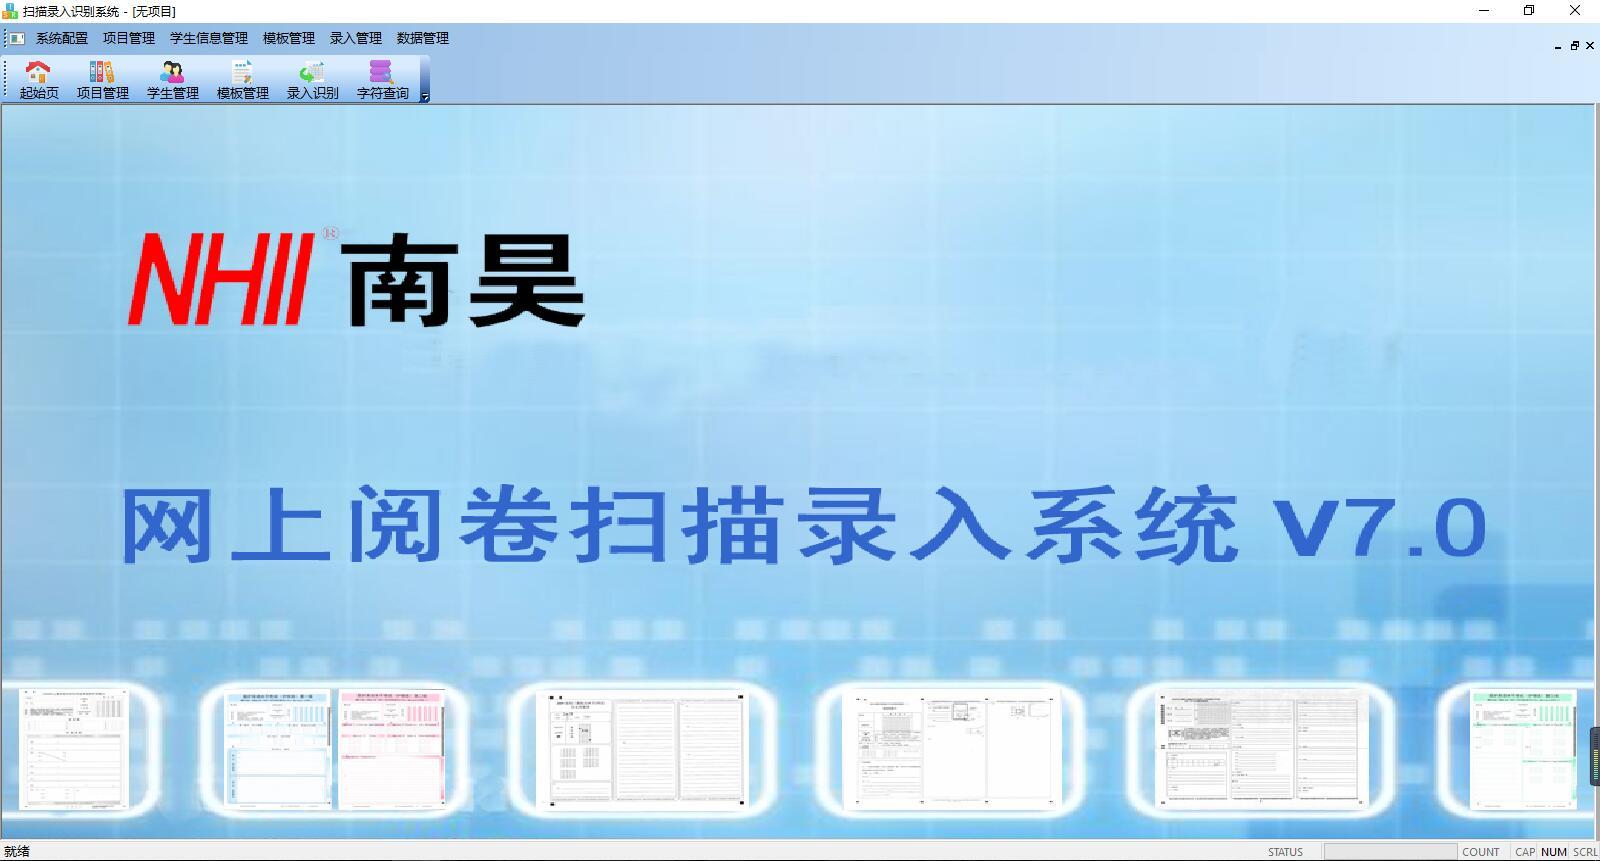 南昊网上阅卷系统报价 瑞昌网上阅卷系统 包邮|行业资讯-河北省南昊高新技术开发有限公司